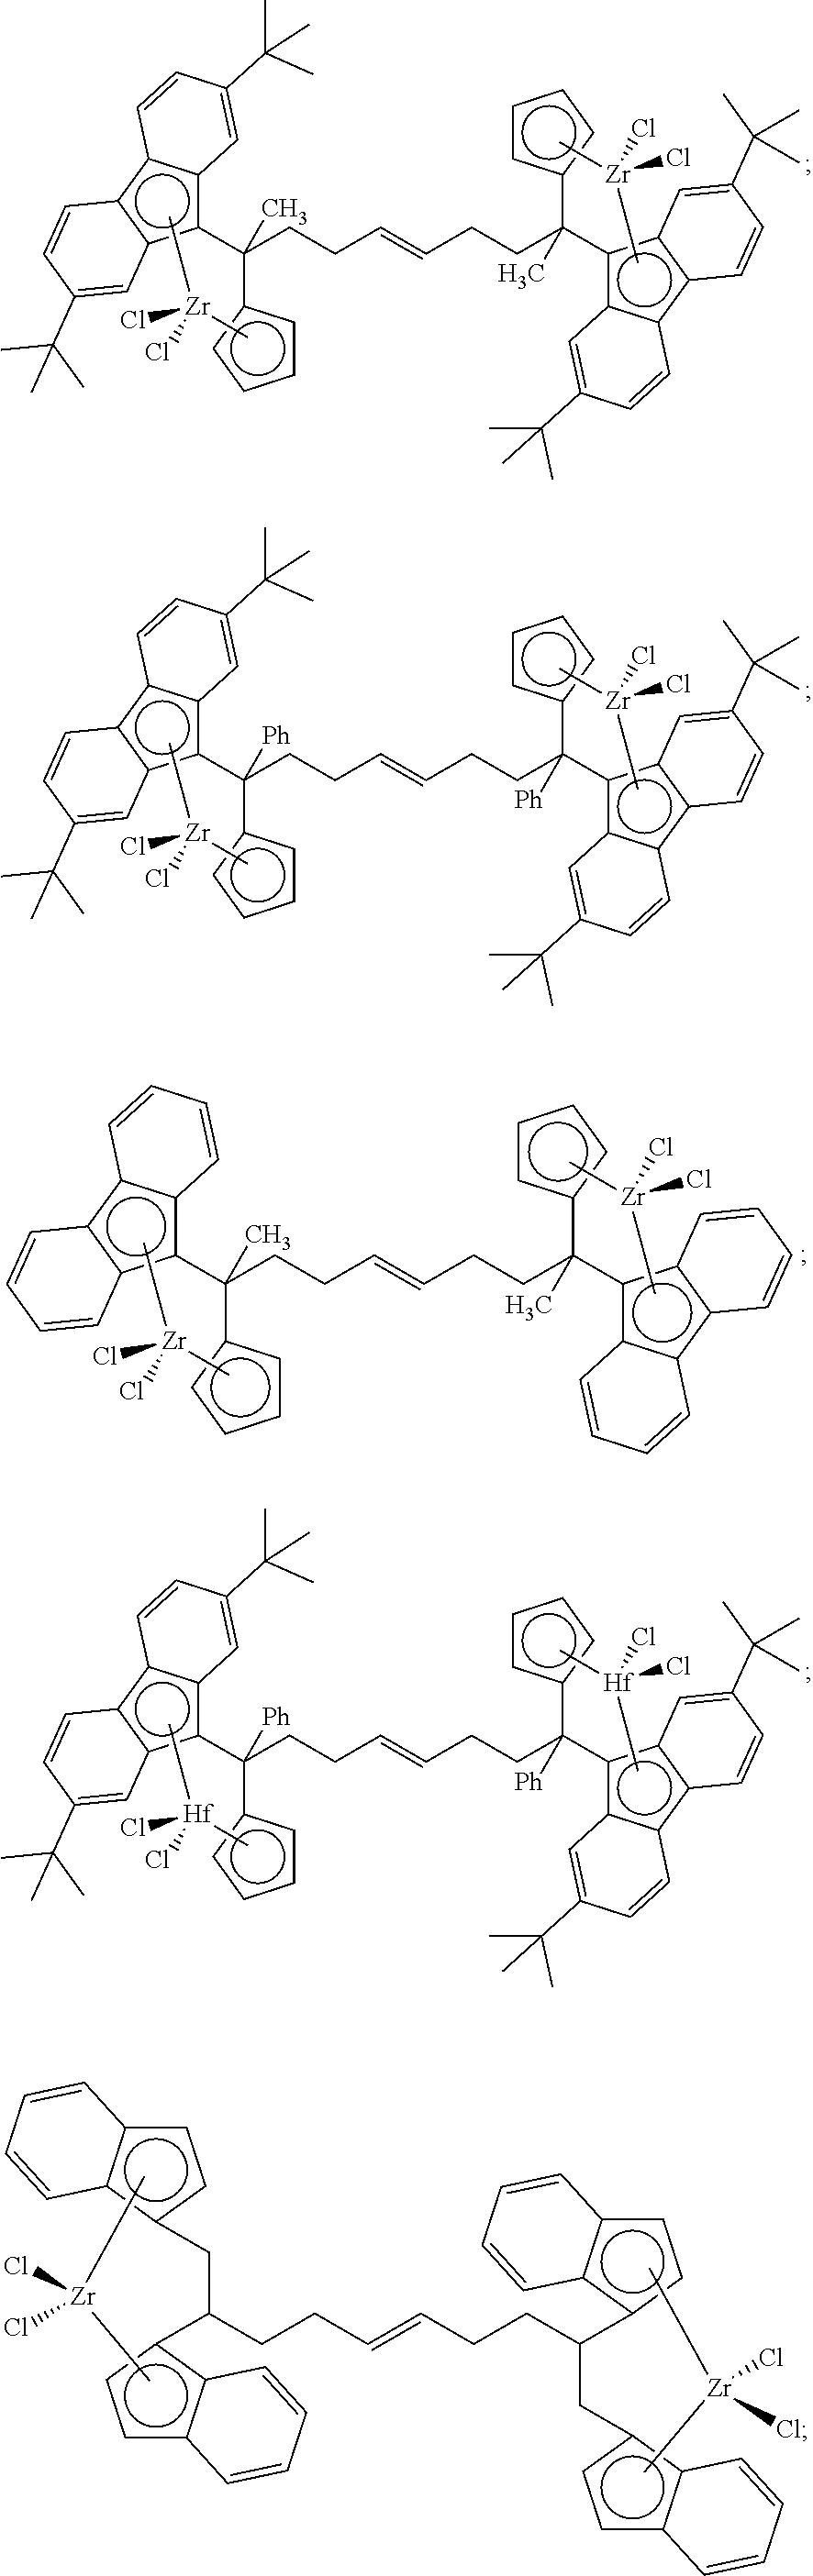 Figure US08329833-20121211-C00028